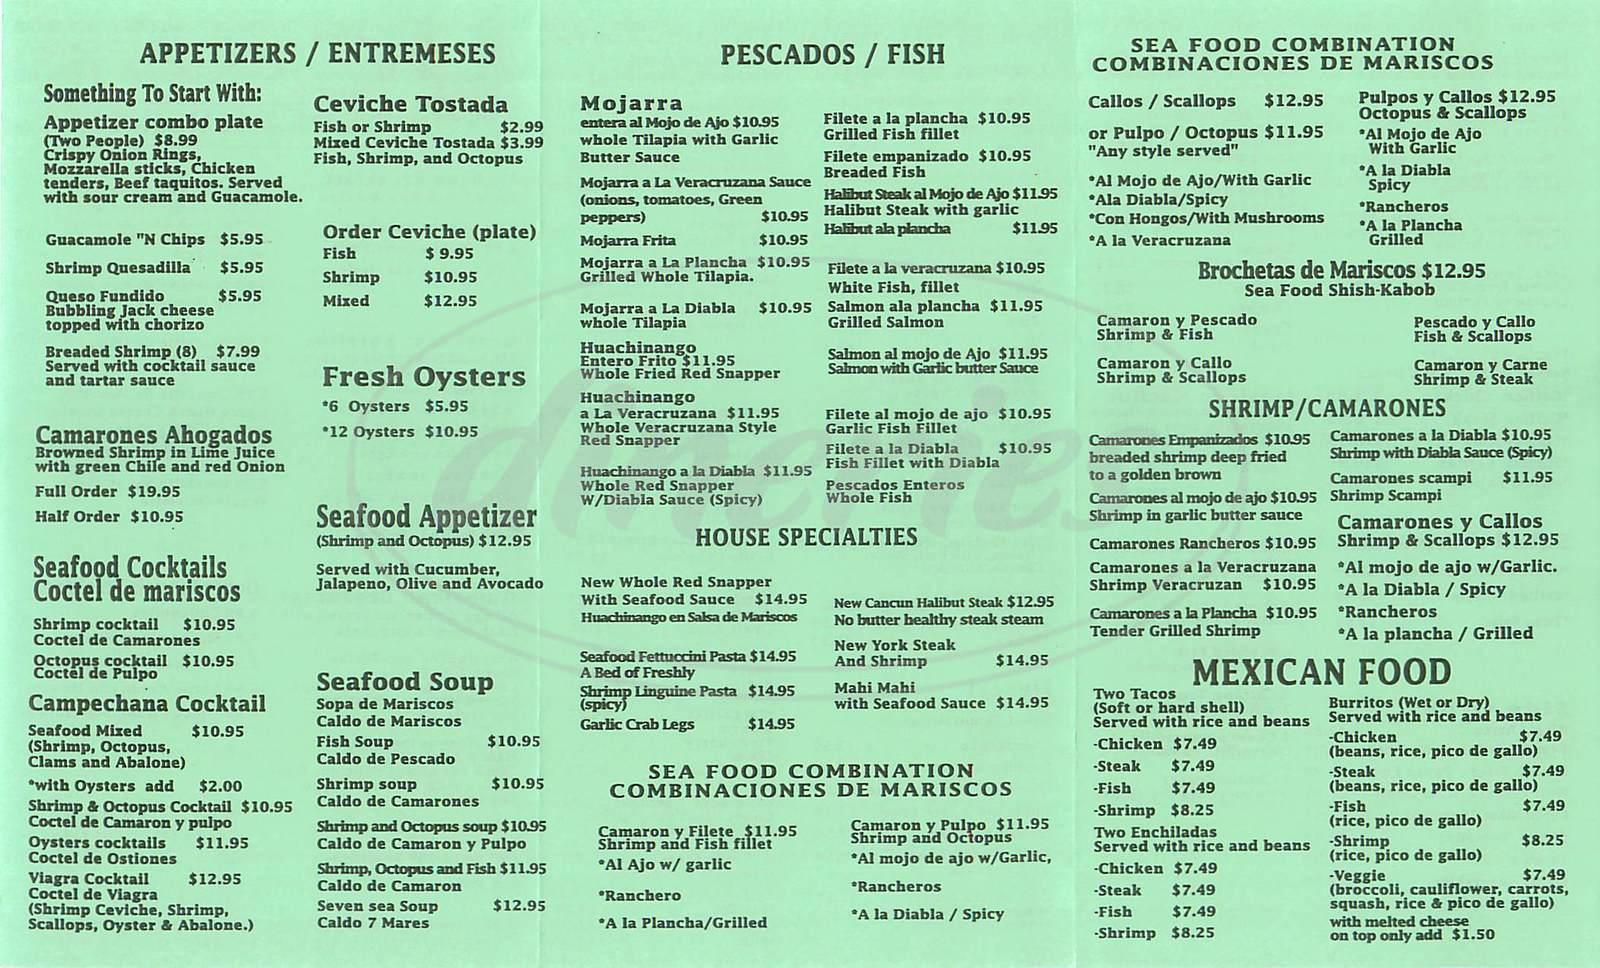 menu for Mariscos Cancun